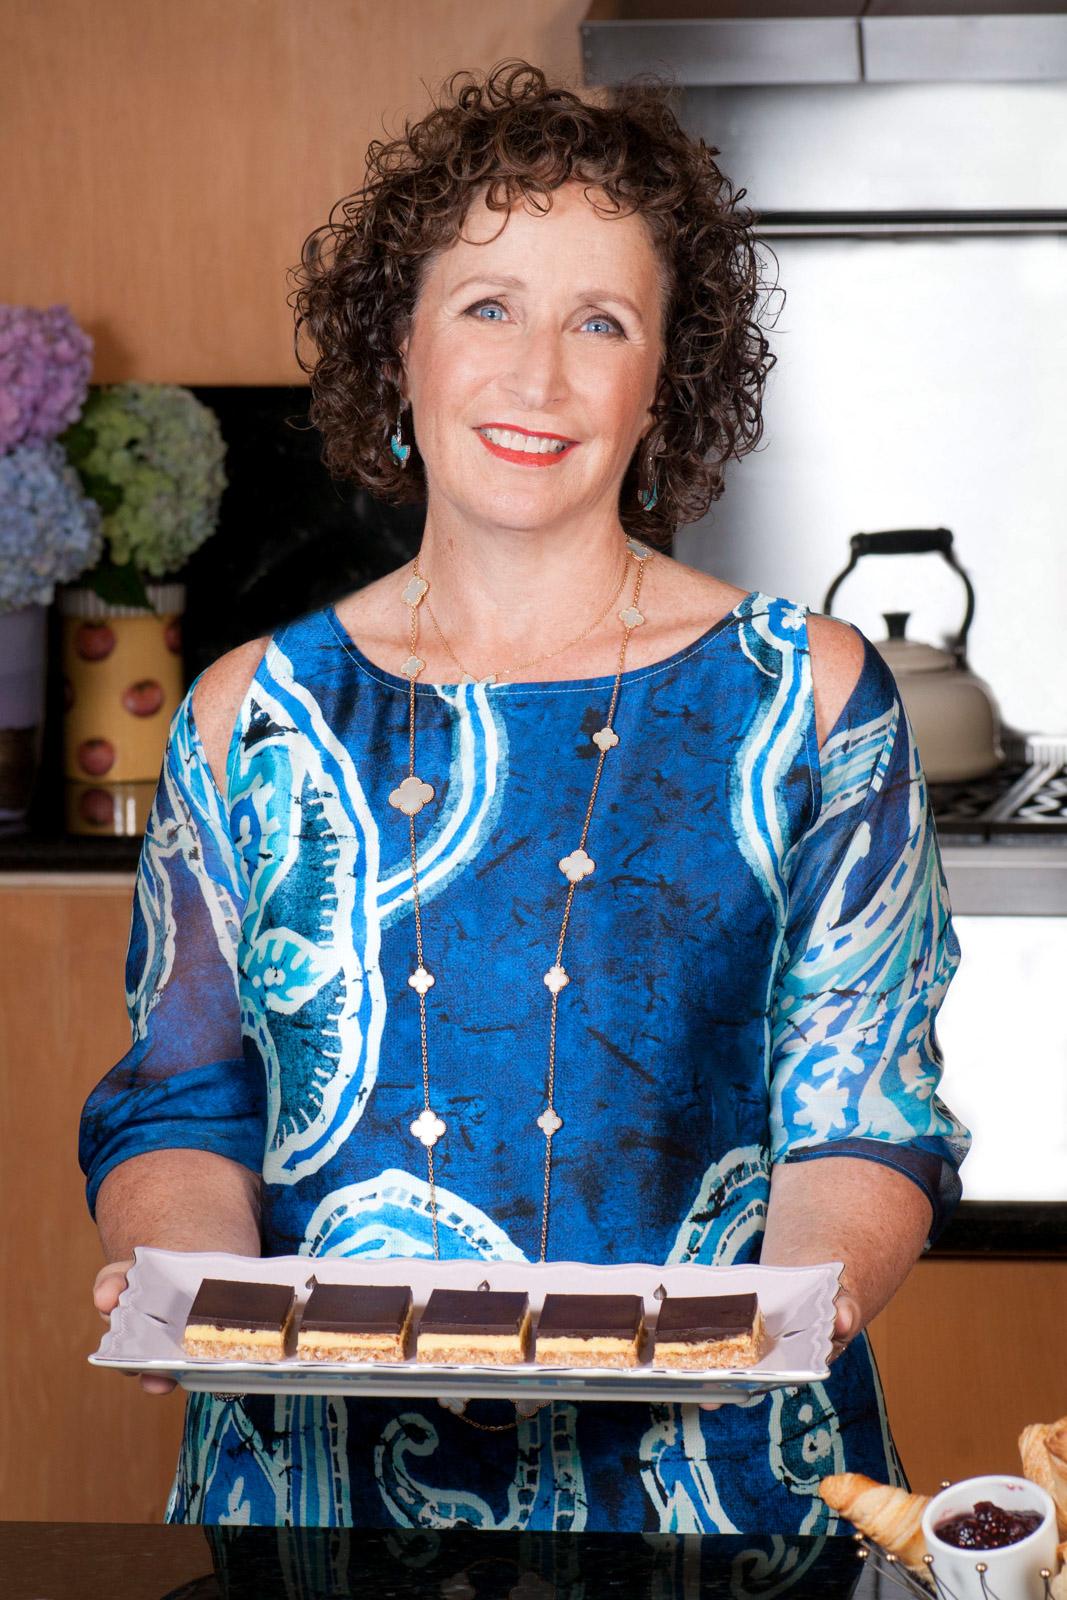 Susan Mendelson Nanaimo bars